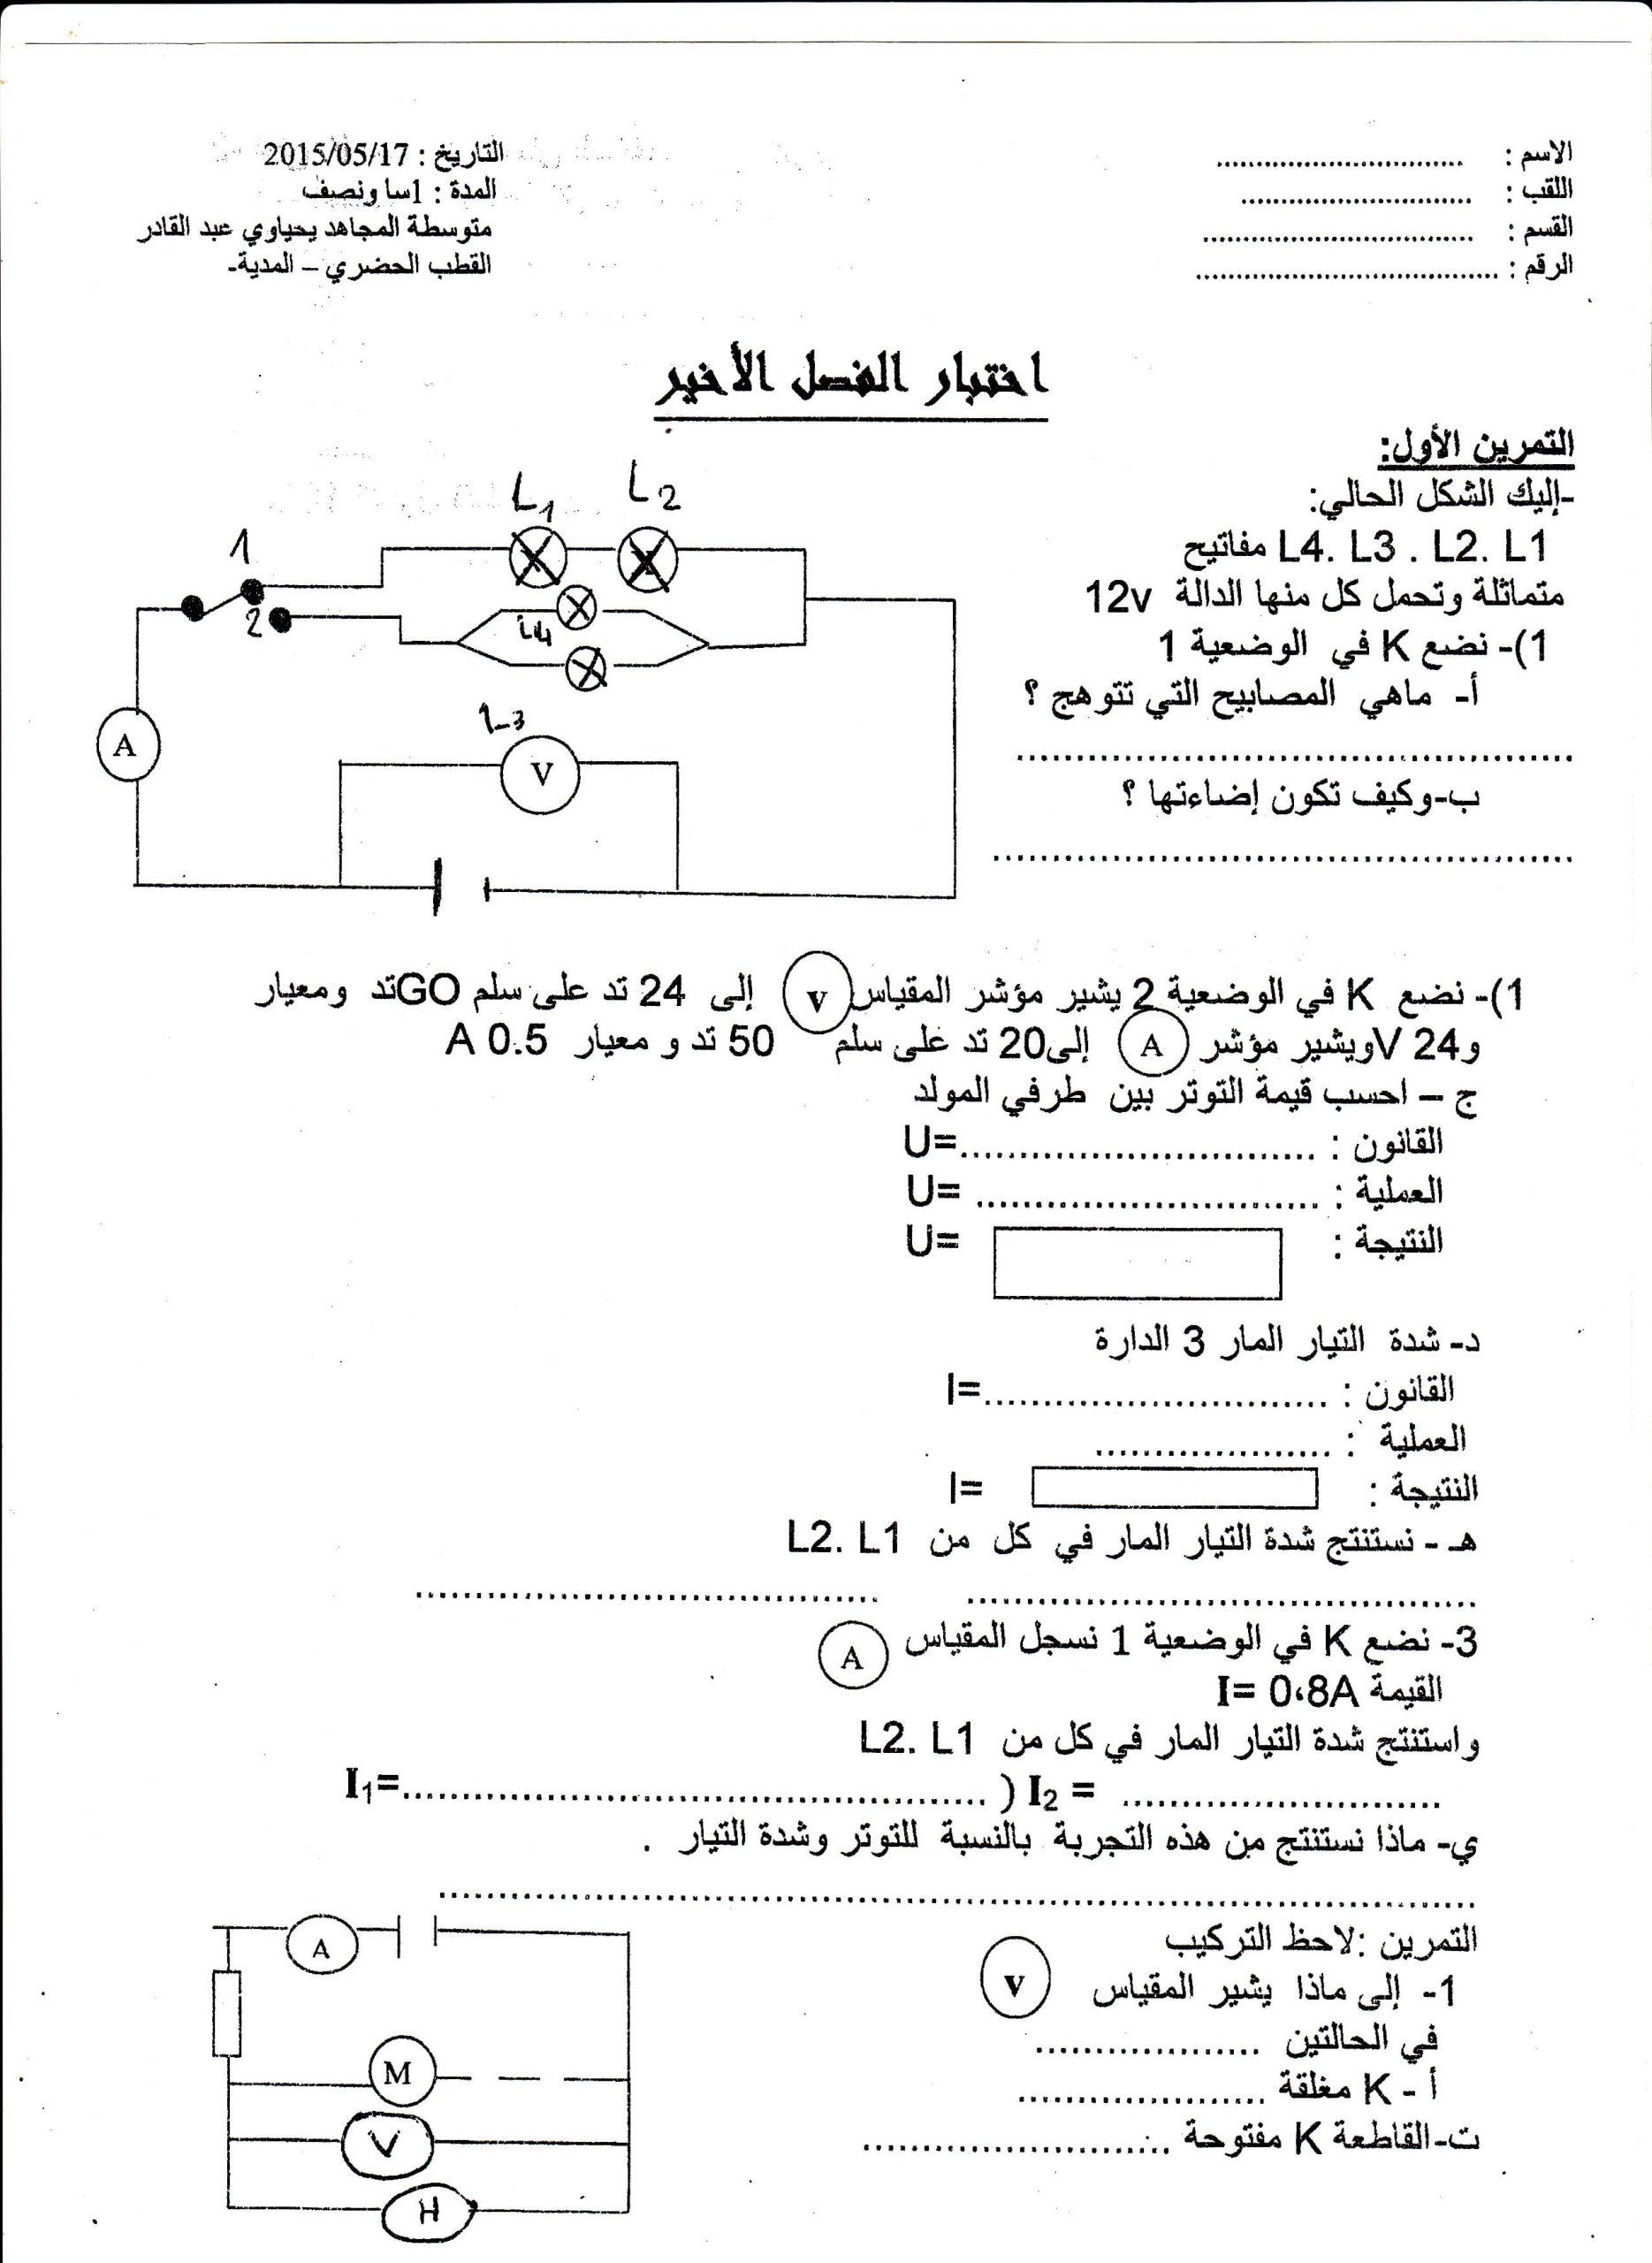 اختبار الفصل الثالث في العلوم الفيزيائية للسنة الأولى متوسط - الموضوع 02